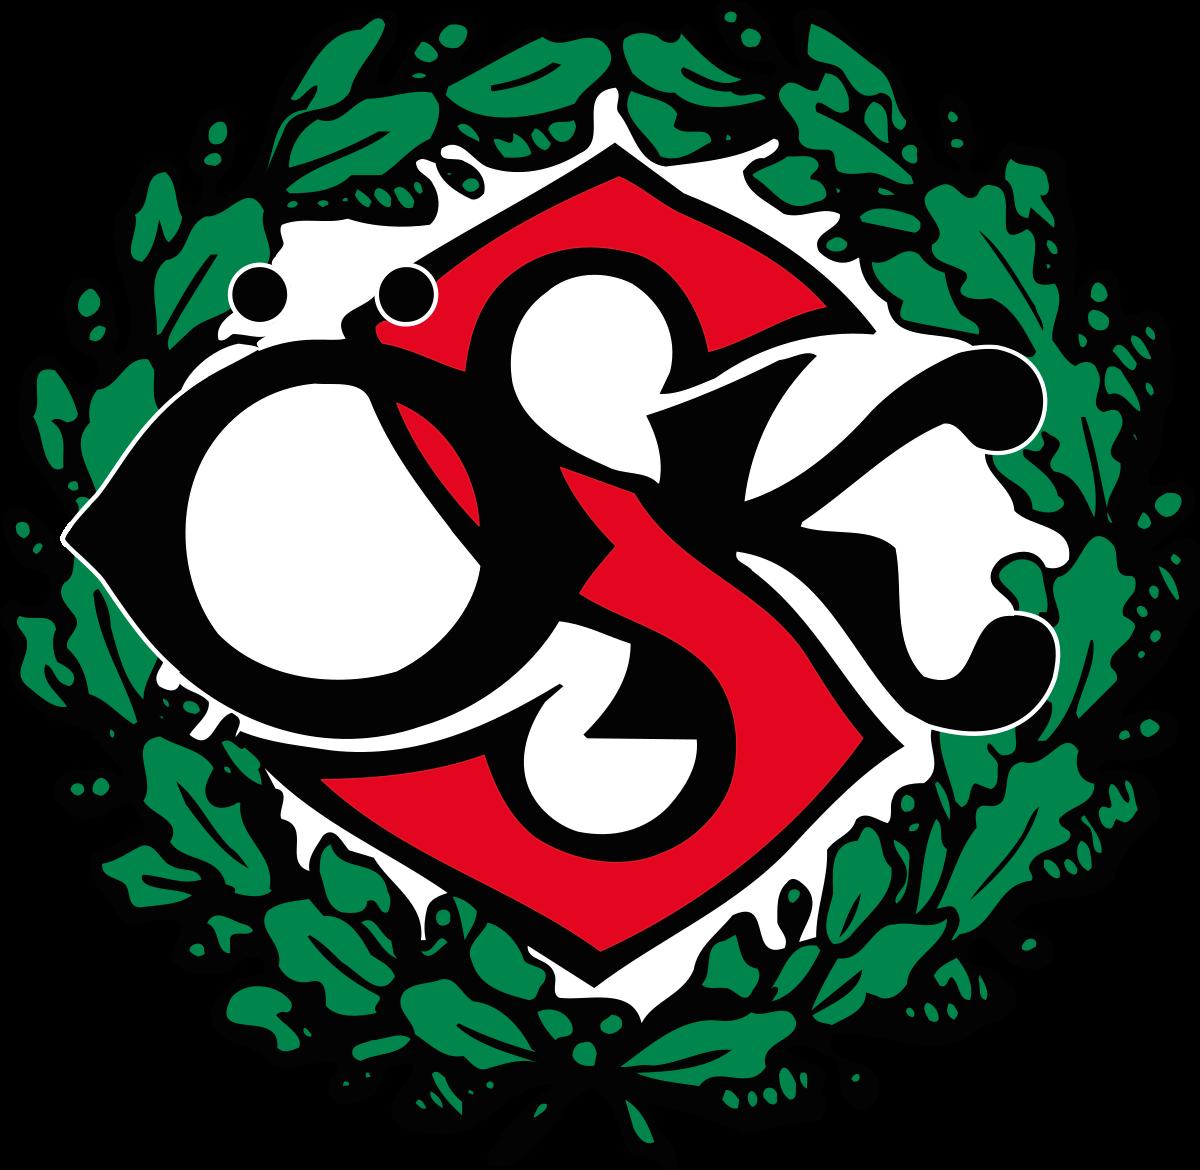 Örebro SK